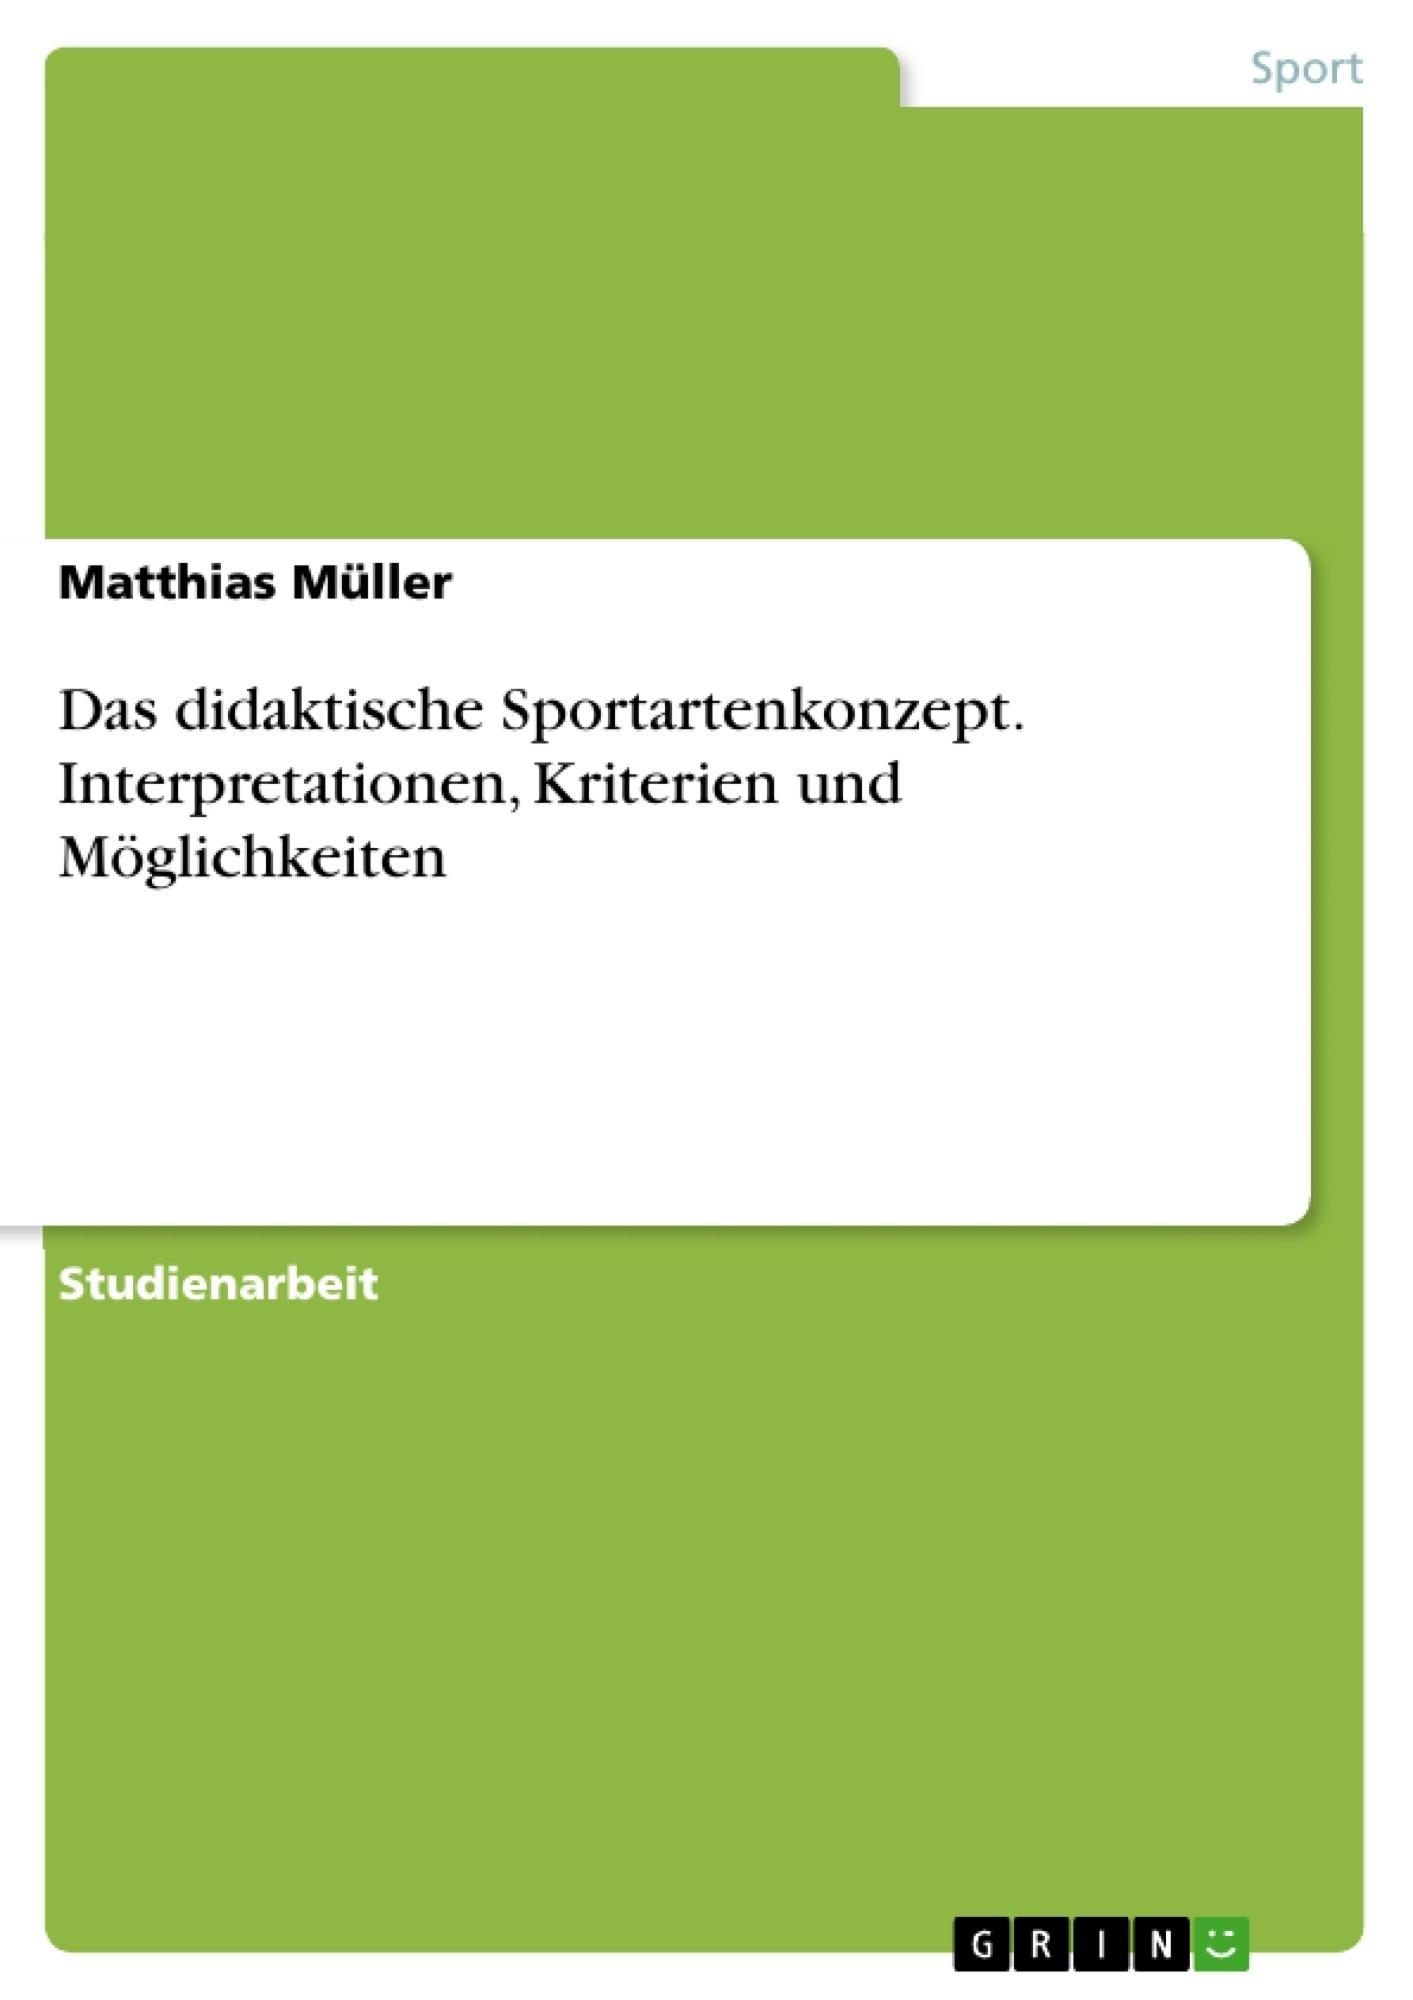 Titel: Das didaktische Sportartenkonzept. Interpretationen, Kriterien und Möglichkeiten